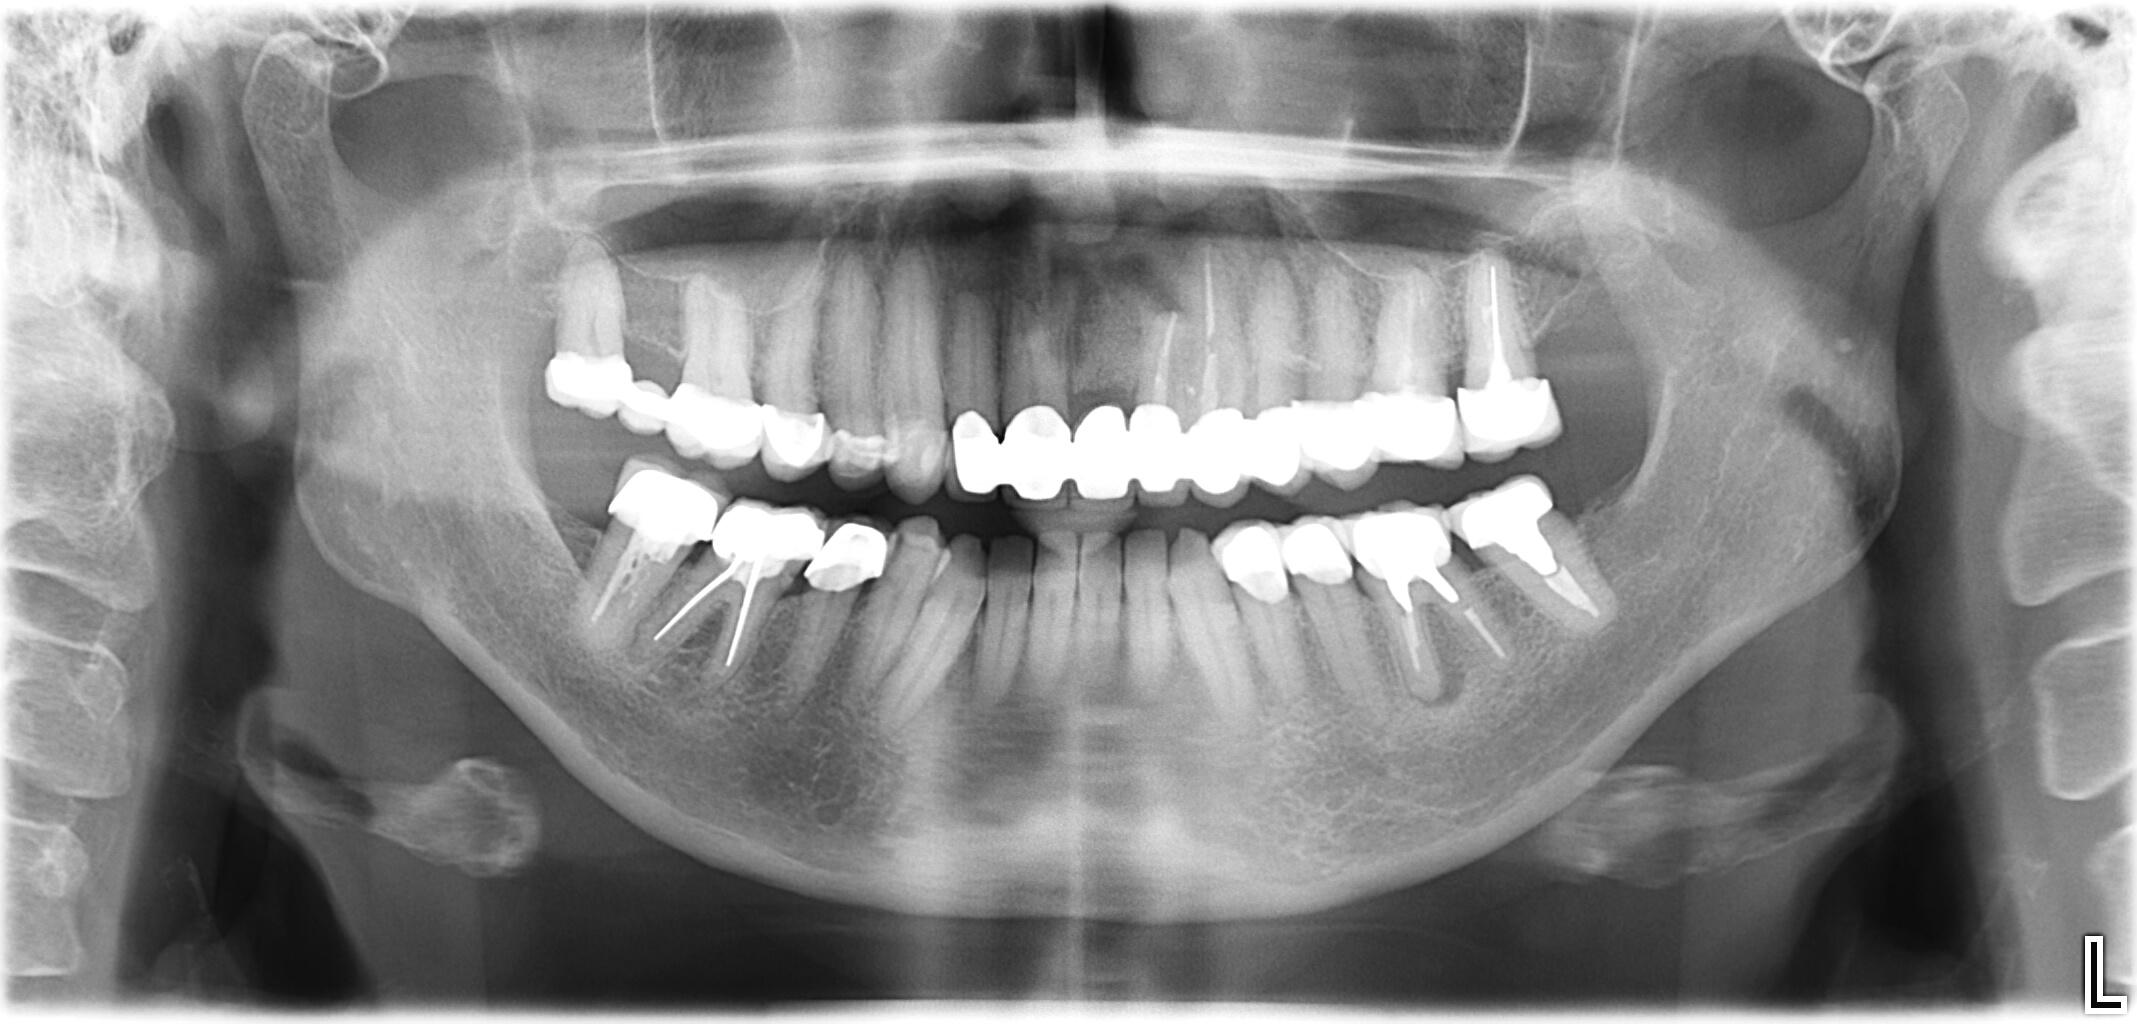 Gezogen essensreste in wunde zahn Zahn ziehen